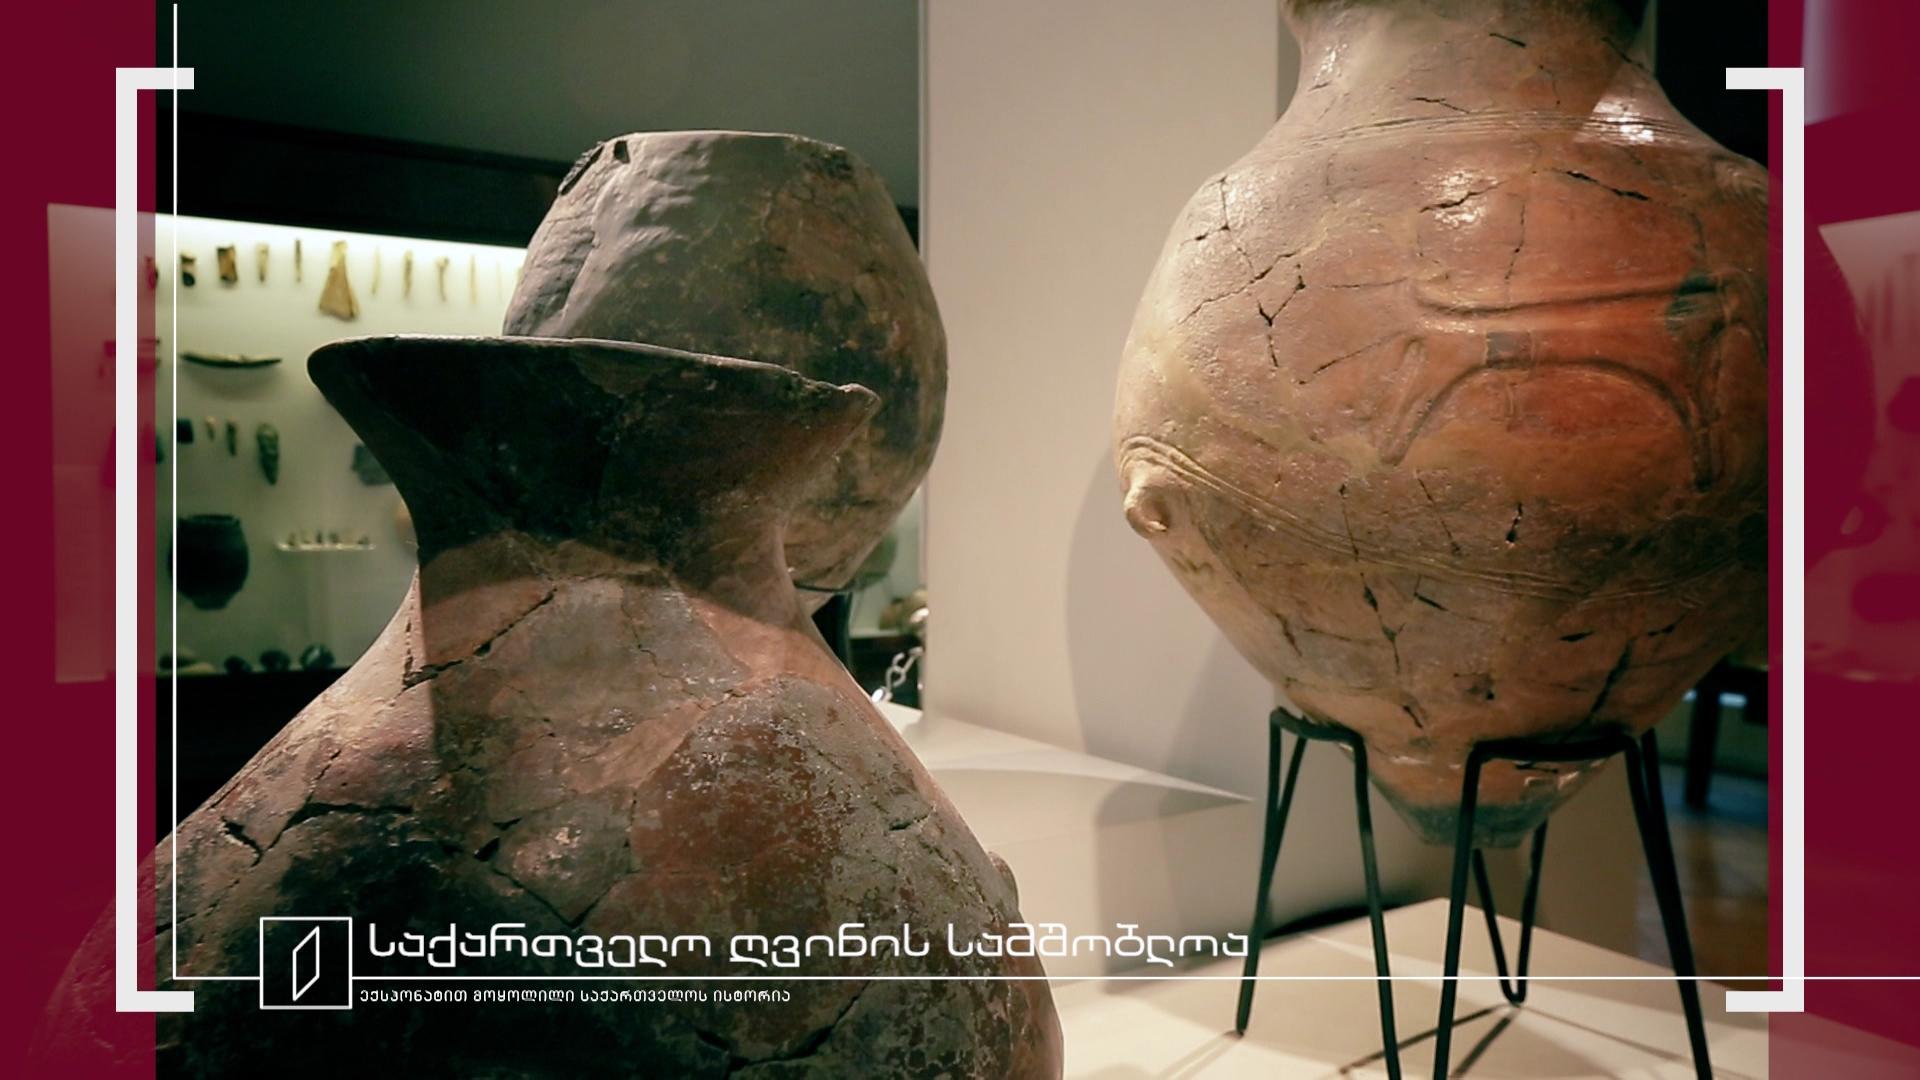 ექსპონატით მოყოლილი საქართველოს ისტორია -უძველესი ღვინის ჭურჭელი